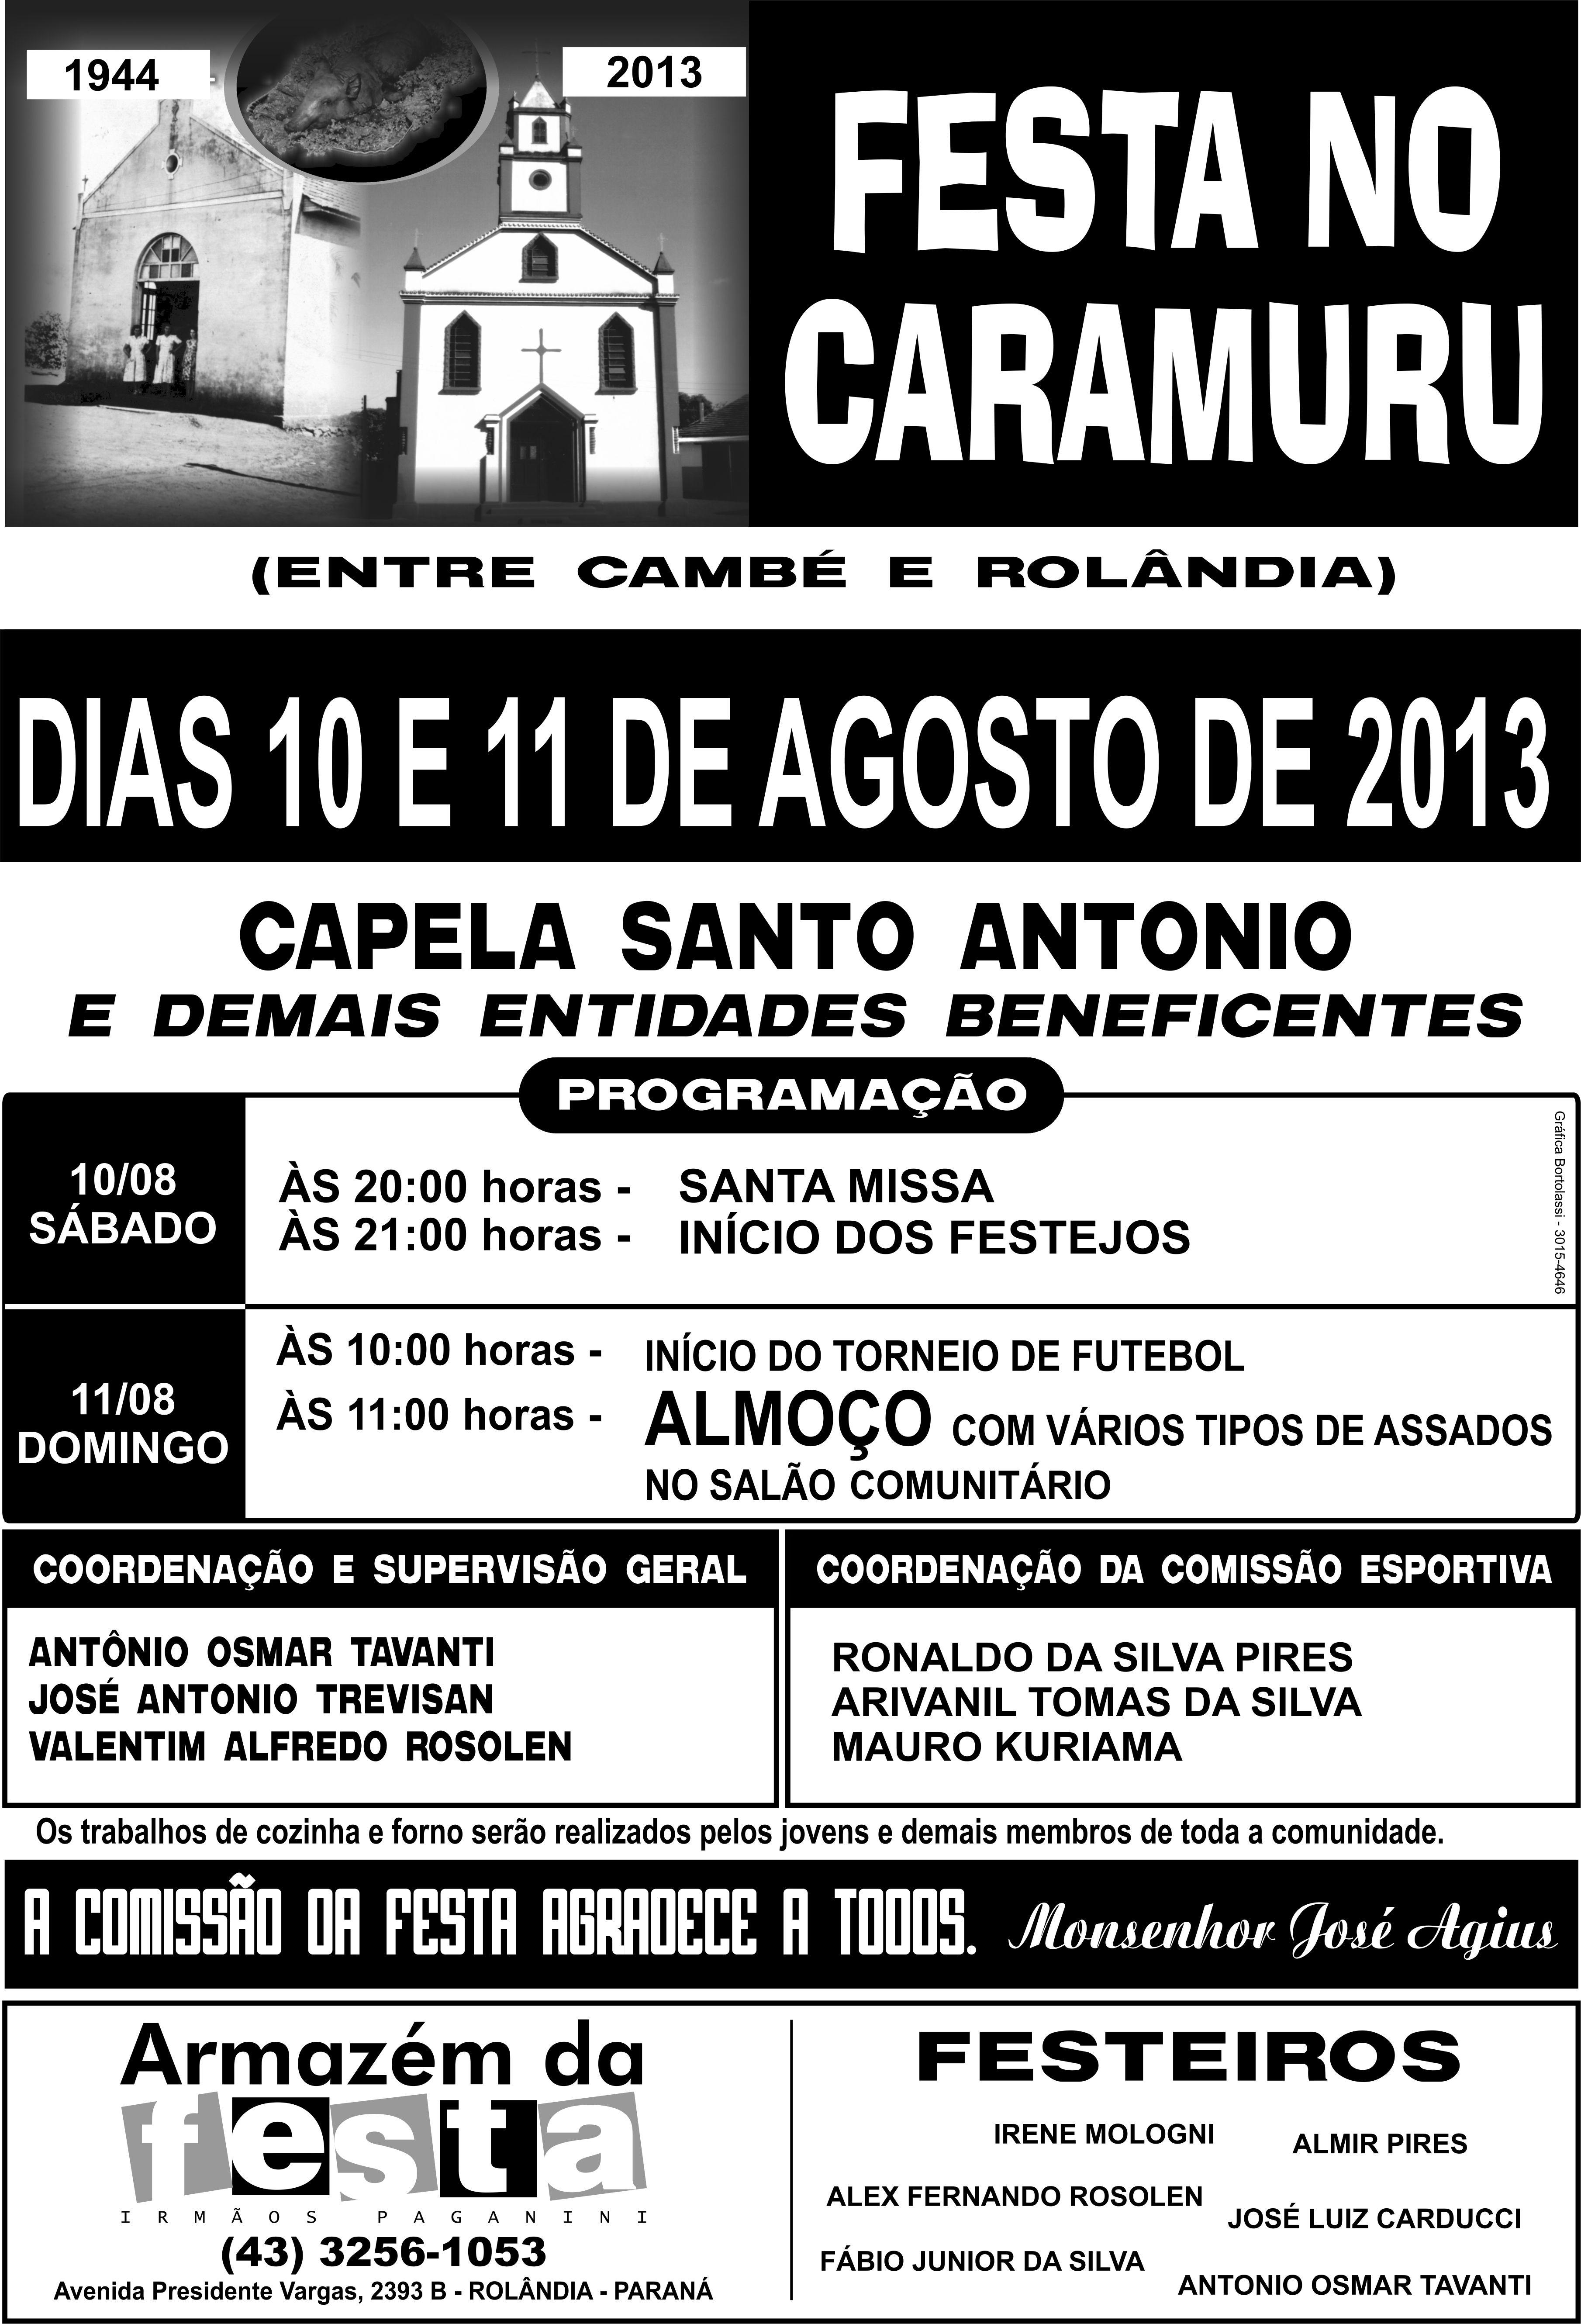 Convite: Festa no Caramuru em Cambé